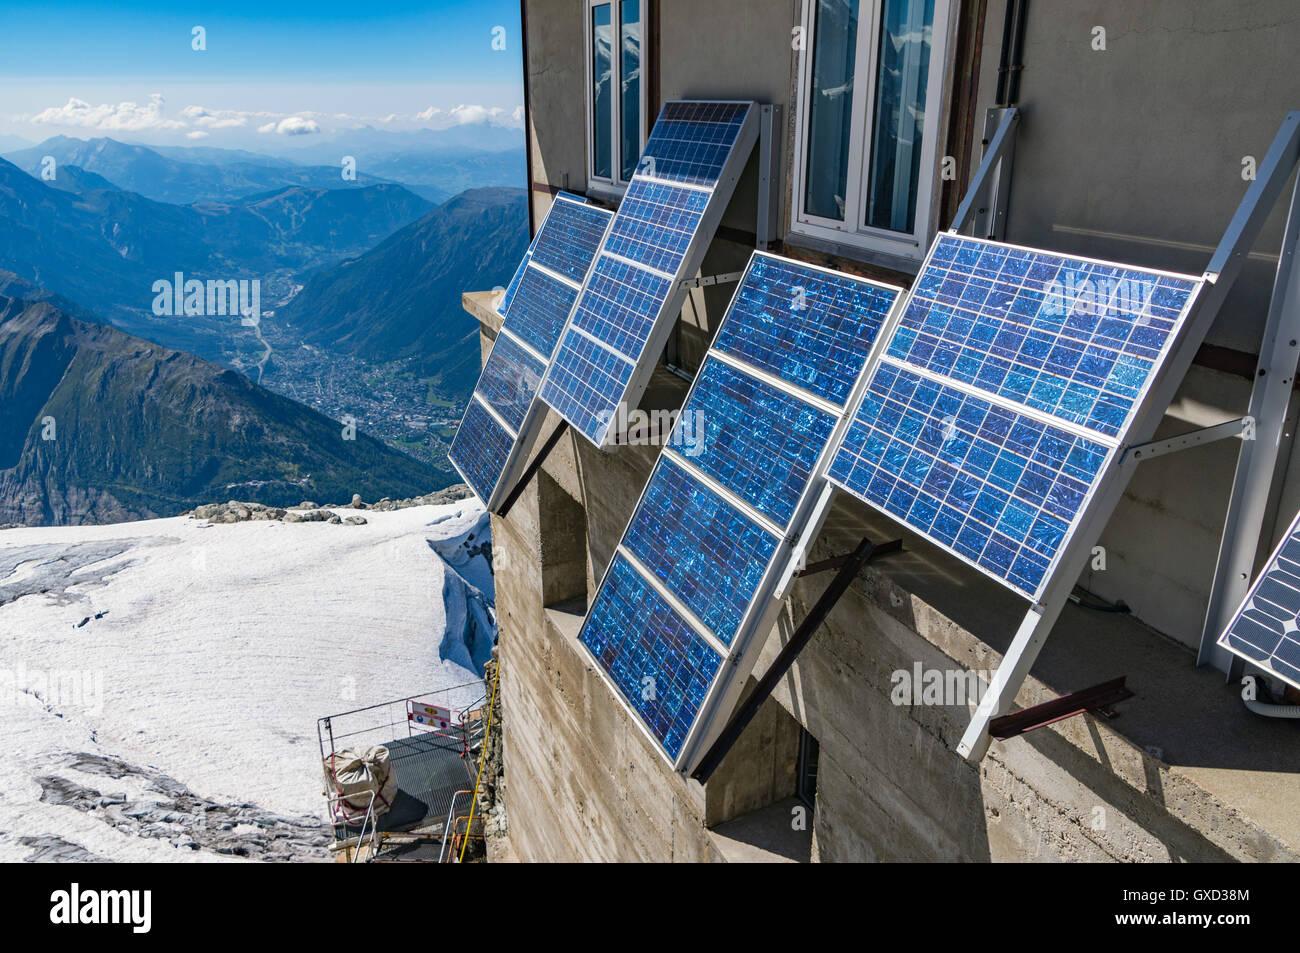 Paneles solares en el lateral del edificio, Alpes Franceses Imagen De Stock